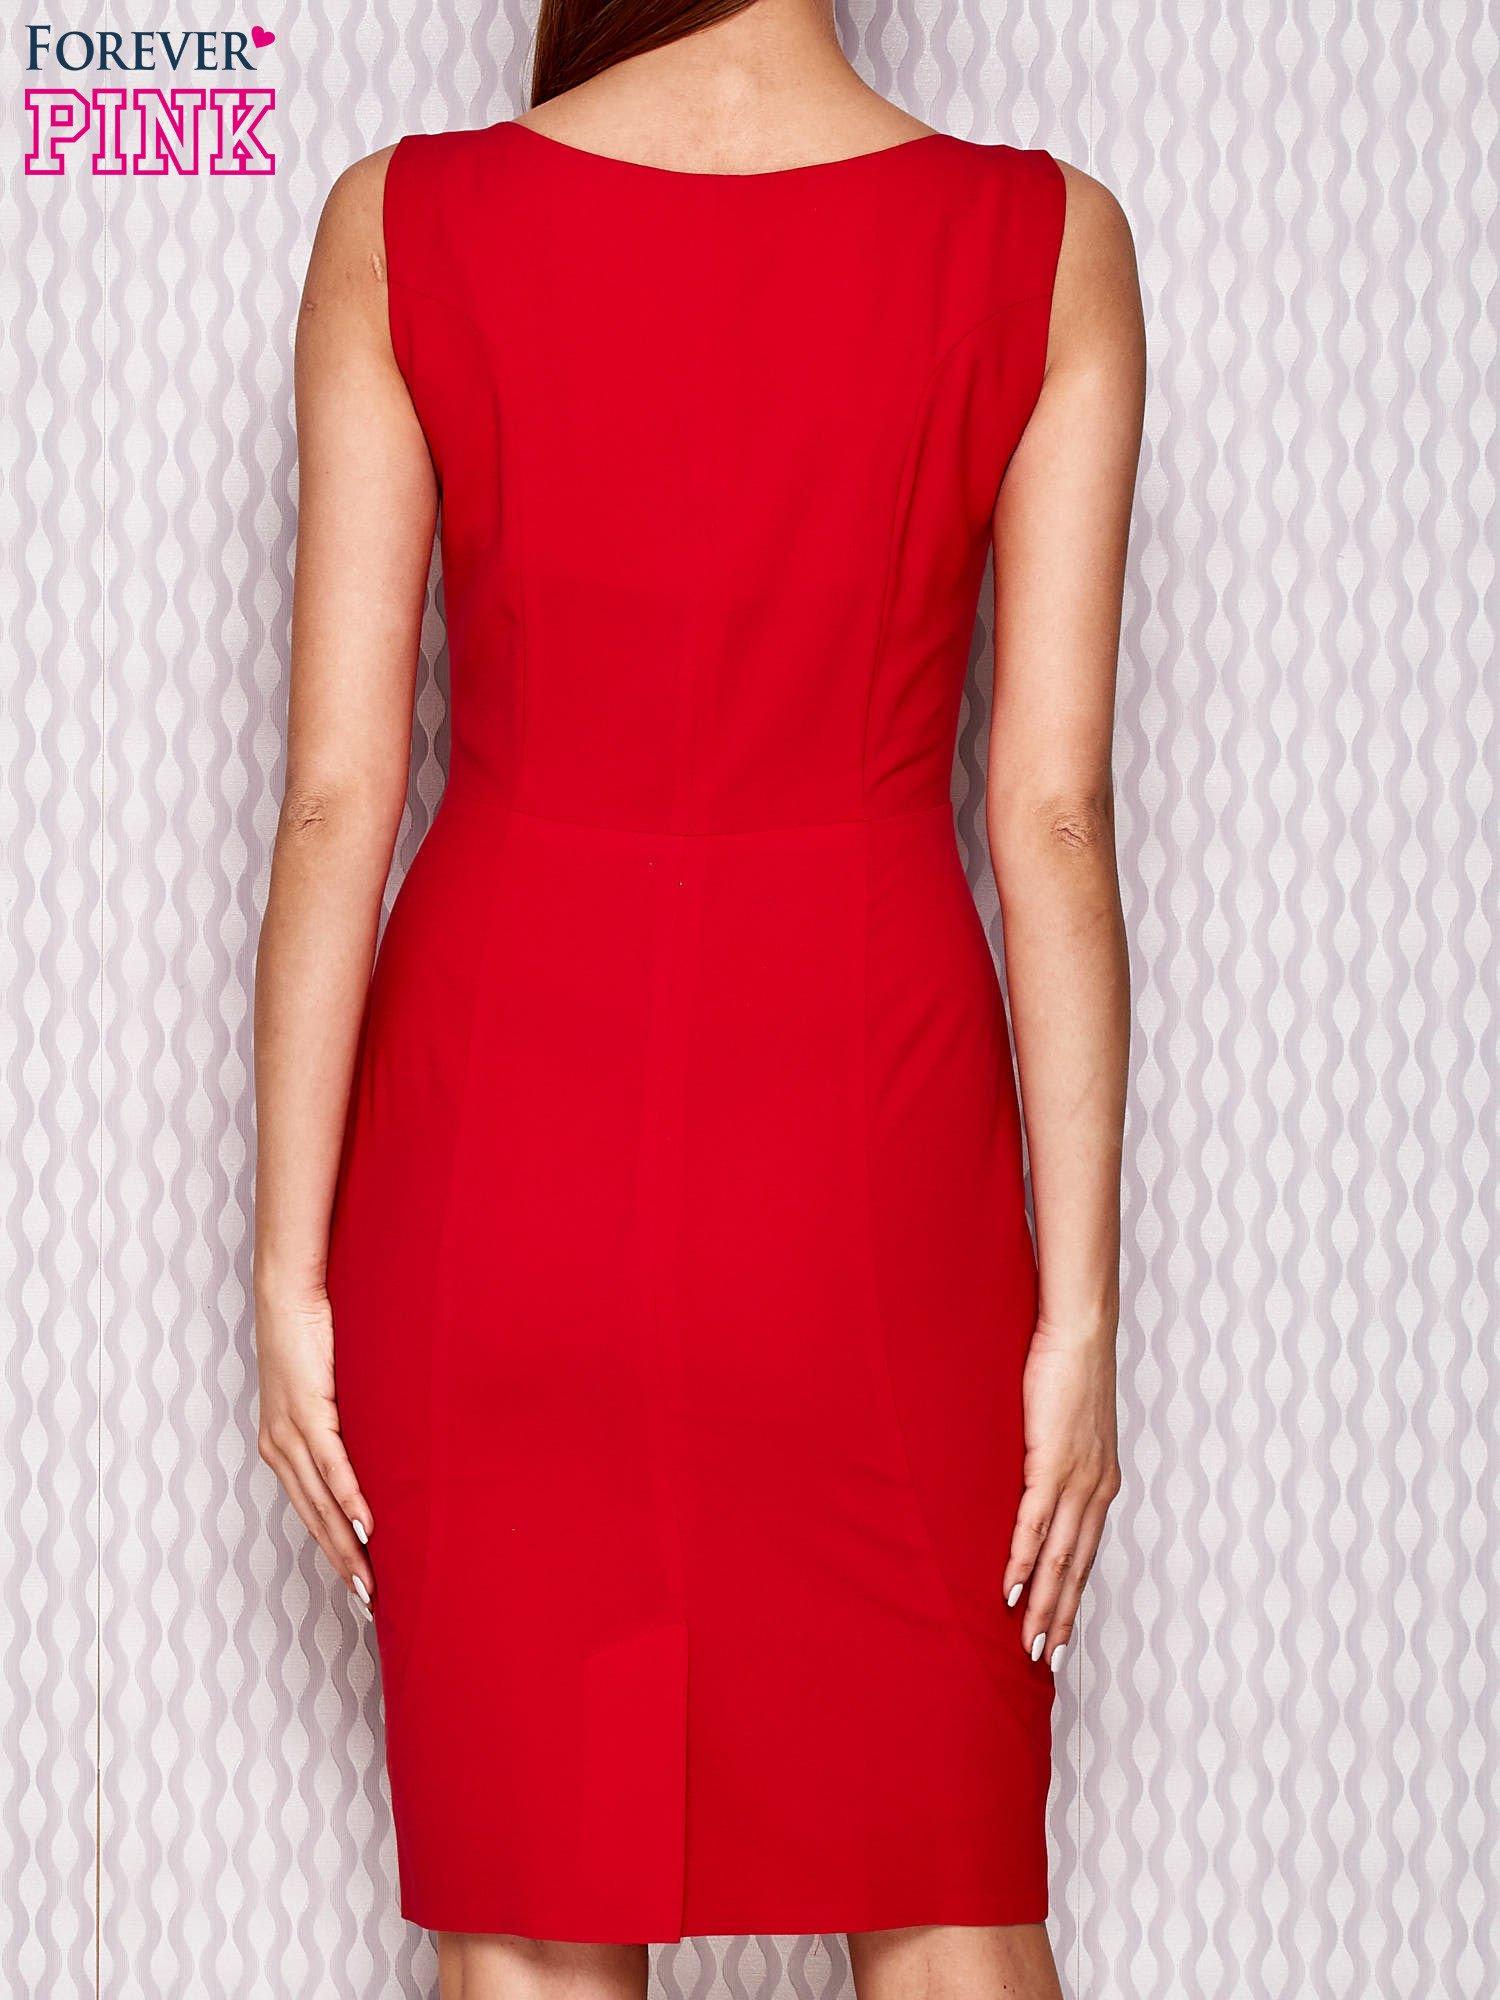 d7c79de759 Czerwona sukienka koktajlowa z suwakiem i marszczeniem - Sukienka  koktajlowa - sklep eButik.pl